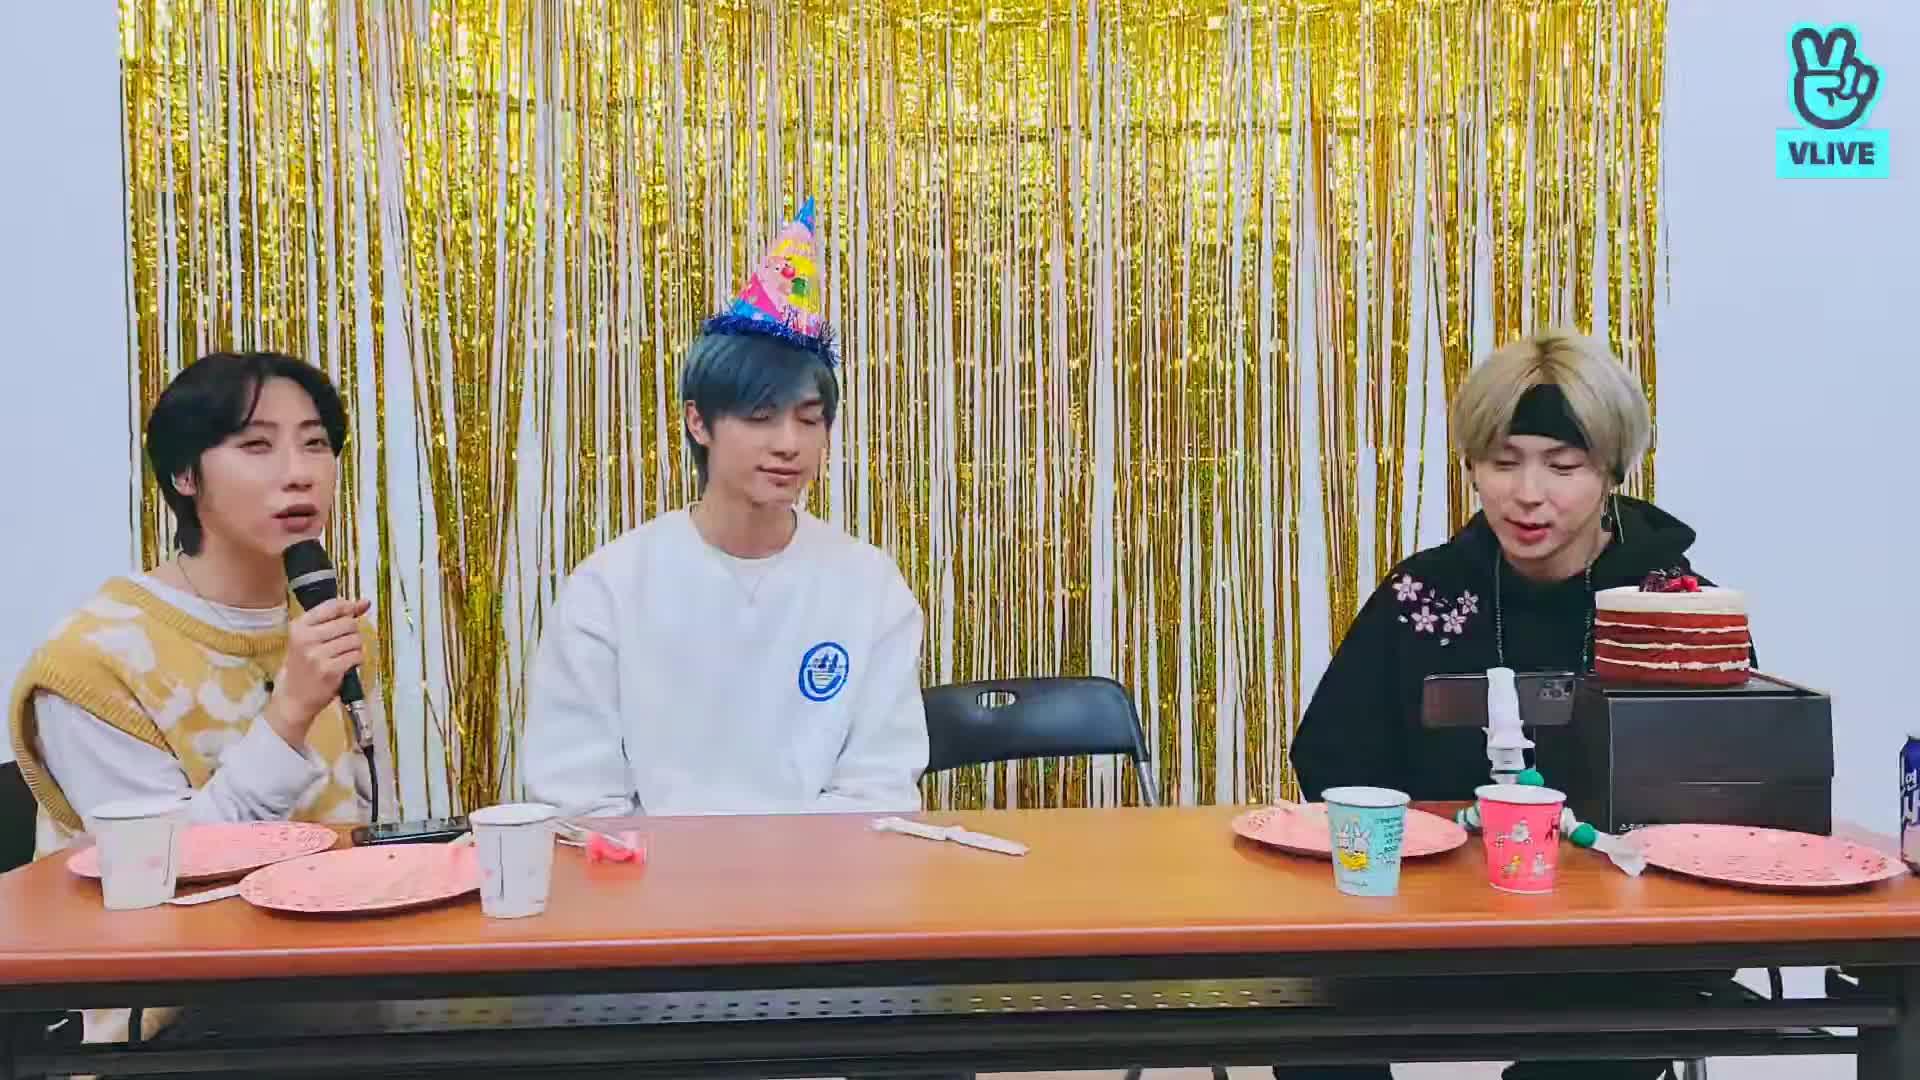 강현구 (님)의 23번째 생일을 진심으로 축하드려봅니다.